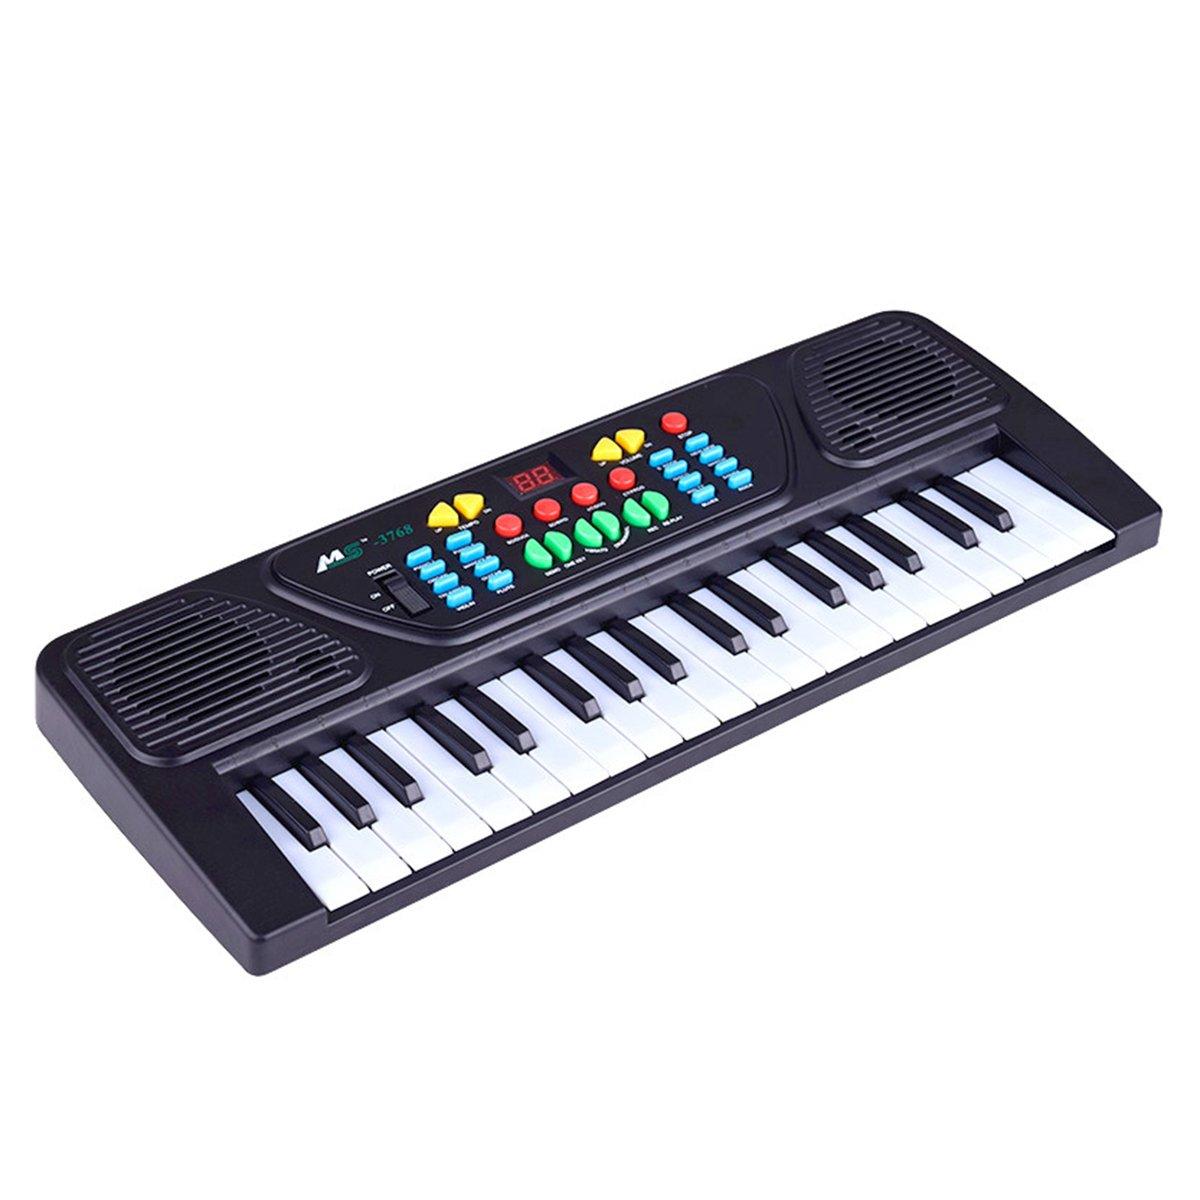 Tastiera Elettronica per Bambini TOYMYTOY Pianoforte per bambini 37 Tasti Con Microfono (Nero)